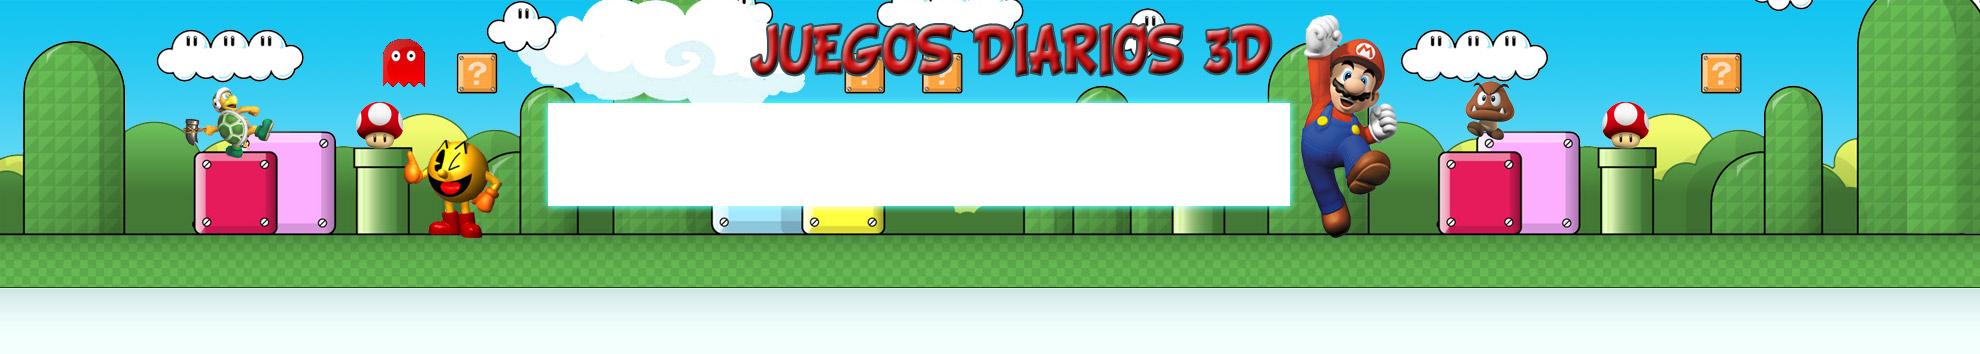 Juegos diarios juegos online de todo tipo unusuario for Diarios de espectaculos online